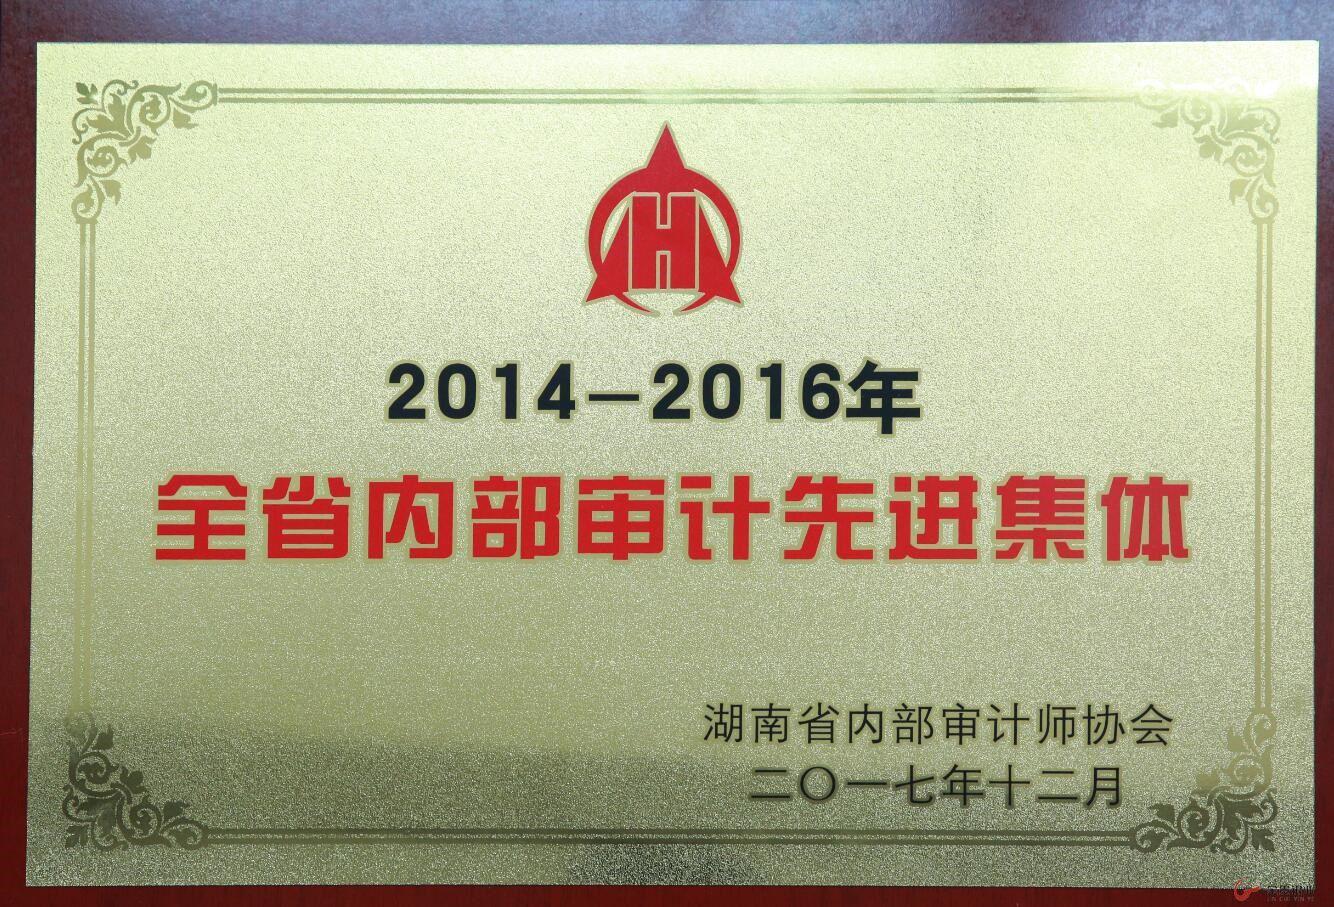 审计部荣获全省内审先进集体荣誉称号